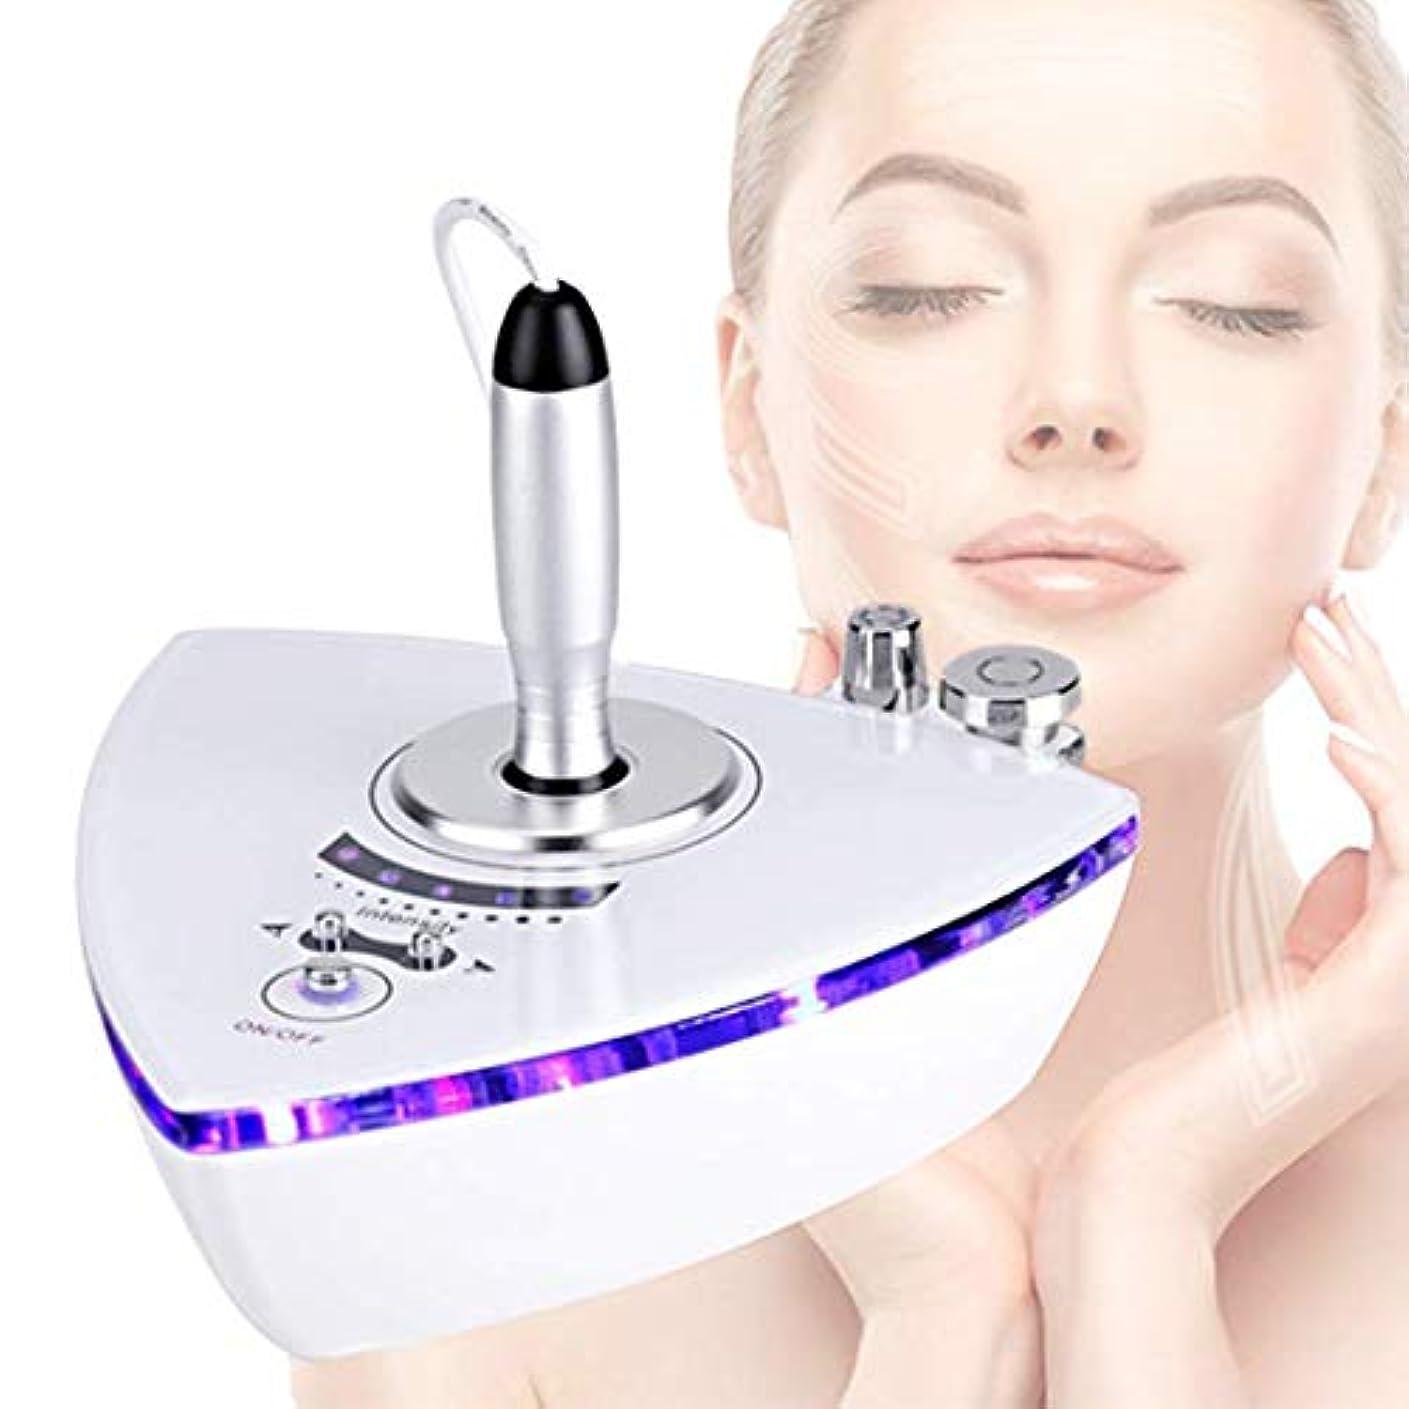 ムスタチオ流産全滅させるRFの無線周波数の美顔術機械、反老化のスキンケアをきつく締める皮の若返りのしわ除去の皮のための家の使用携帯用美顔術機械